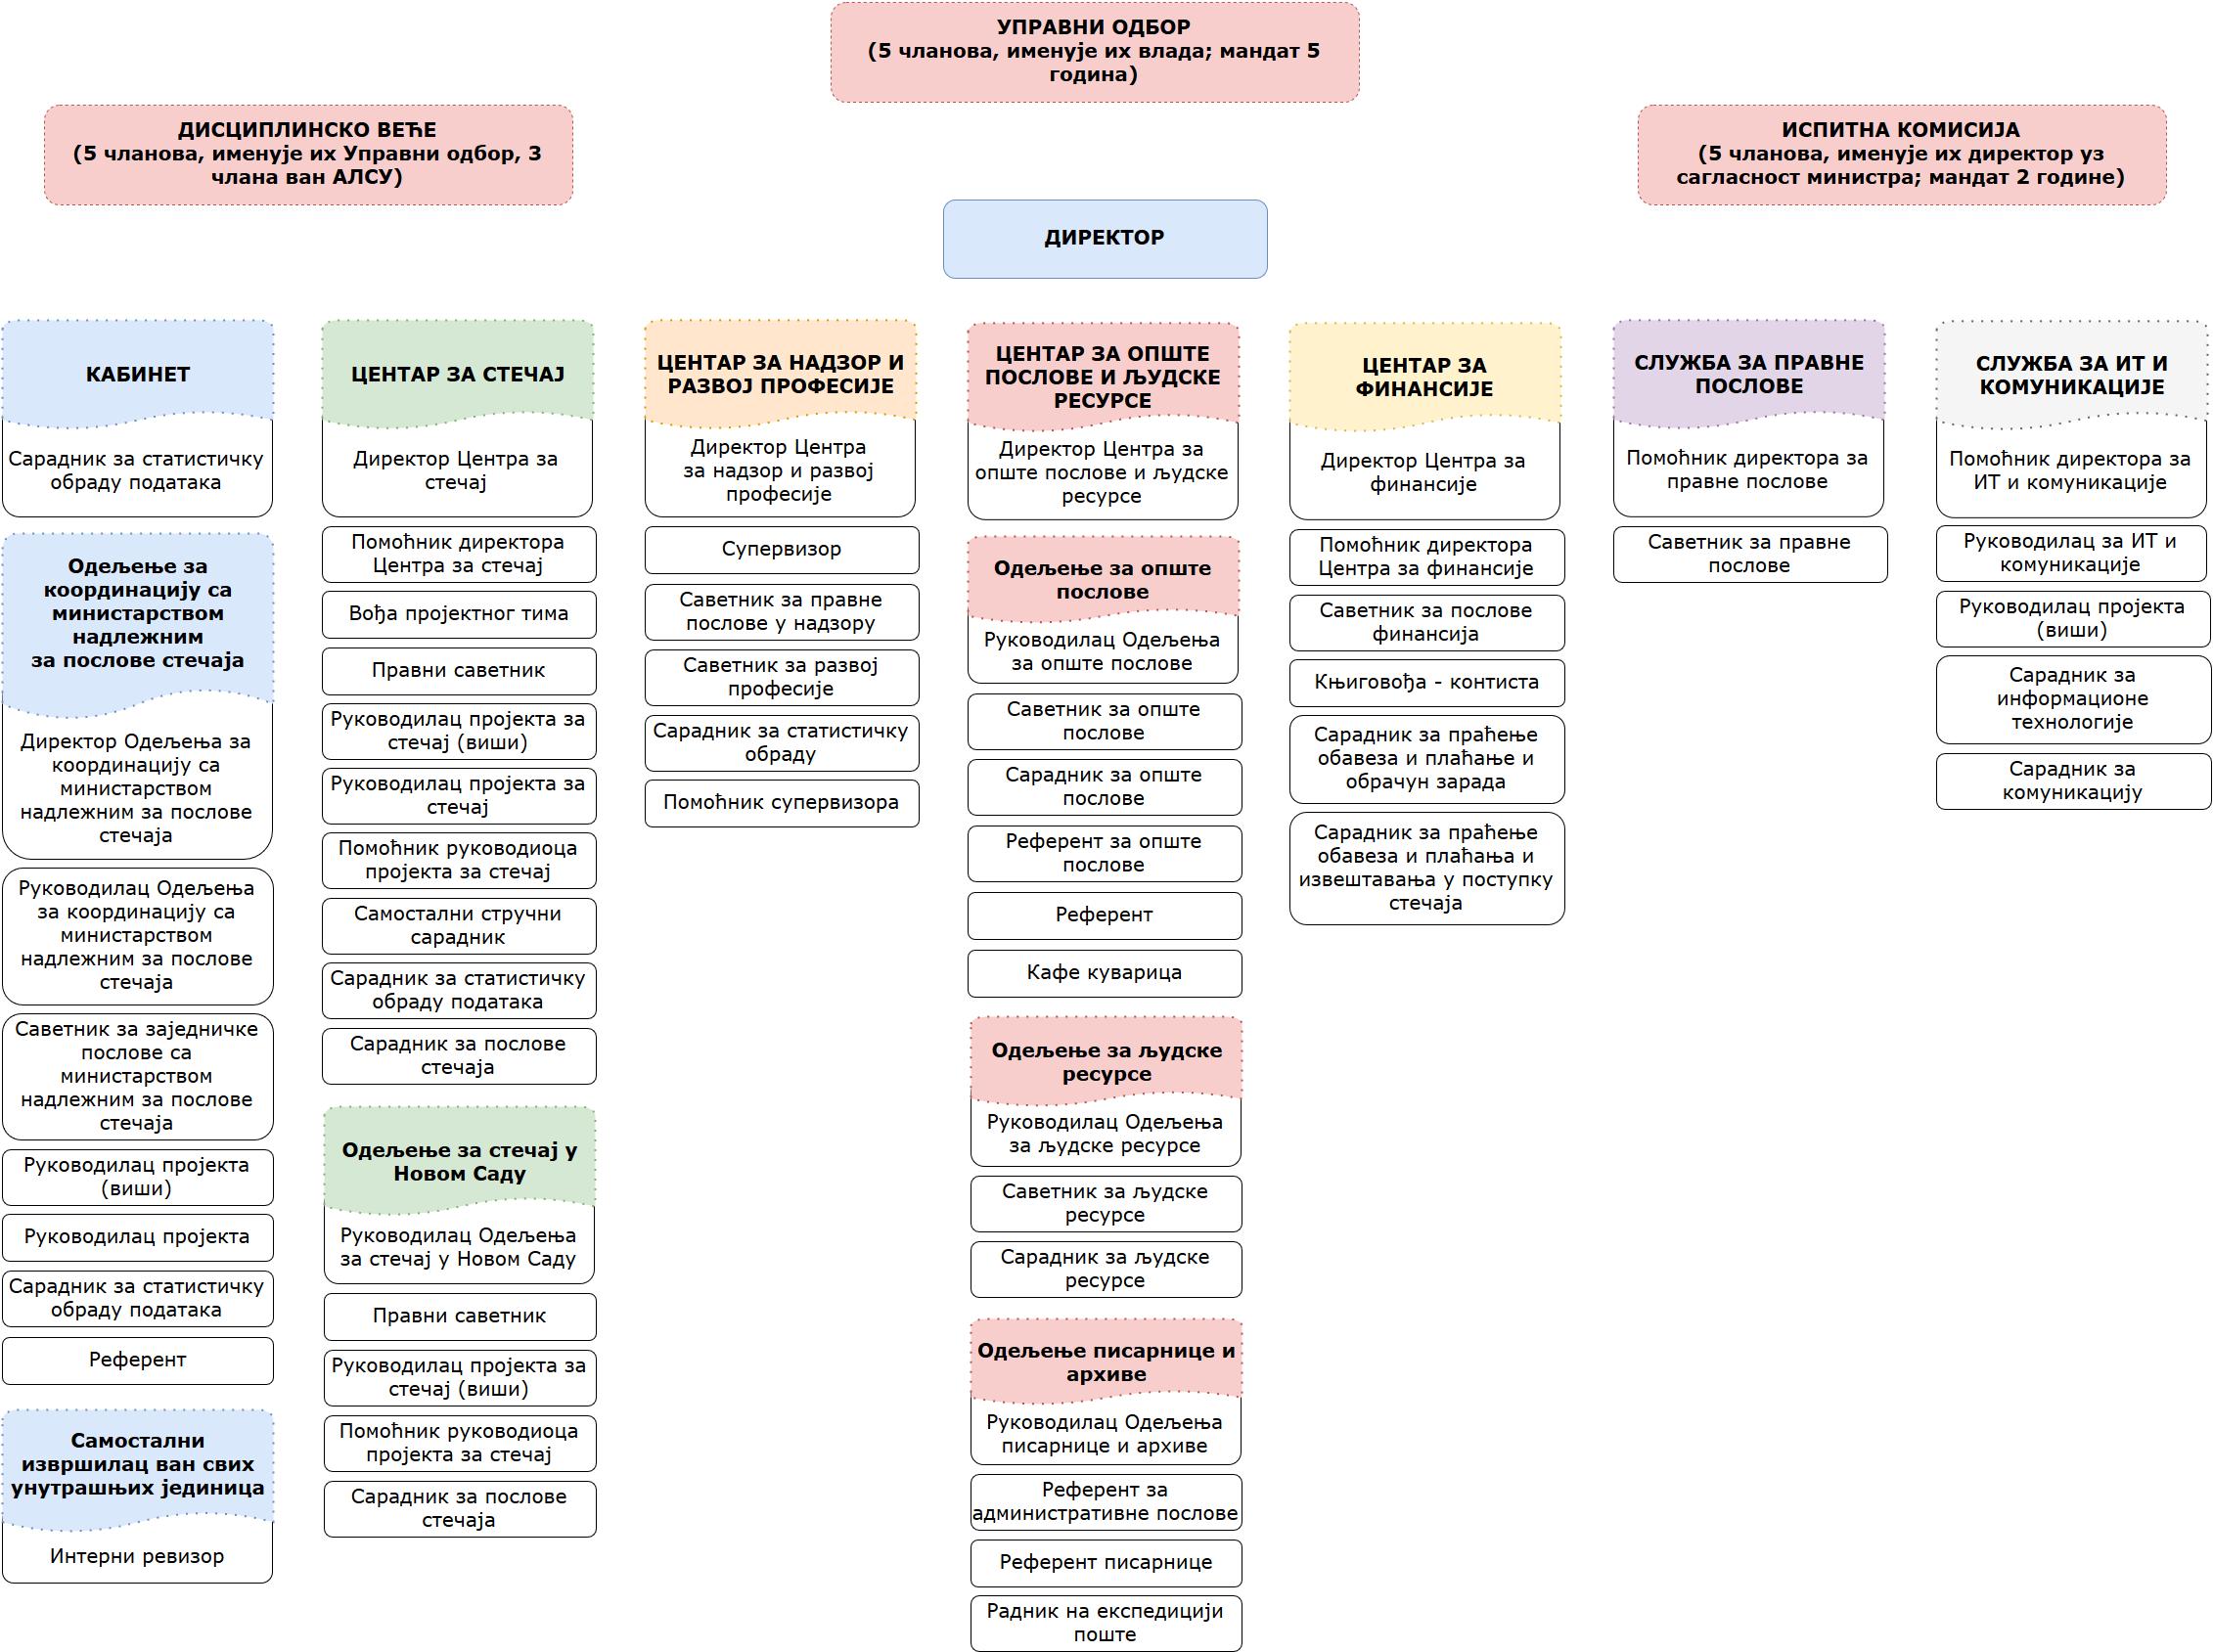 organizaciona struktura cirilica 2016